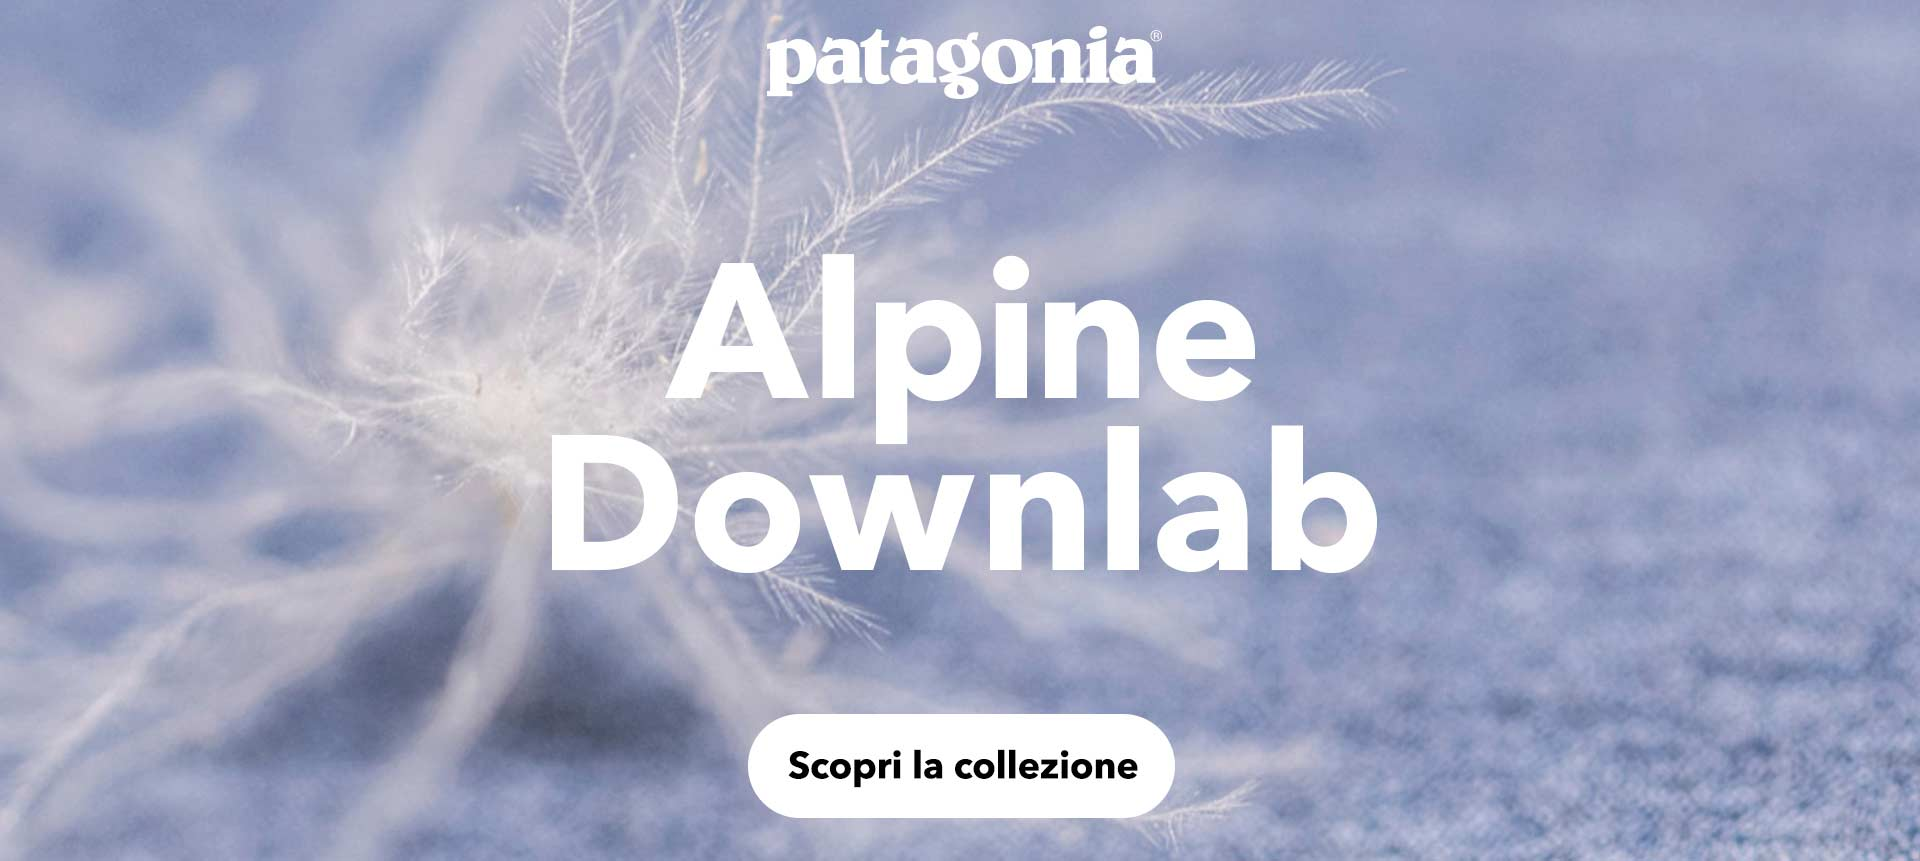 Scopri la nuovissima collezione Patagonia Alpine Downlab